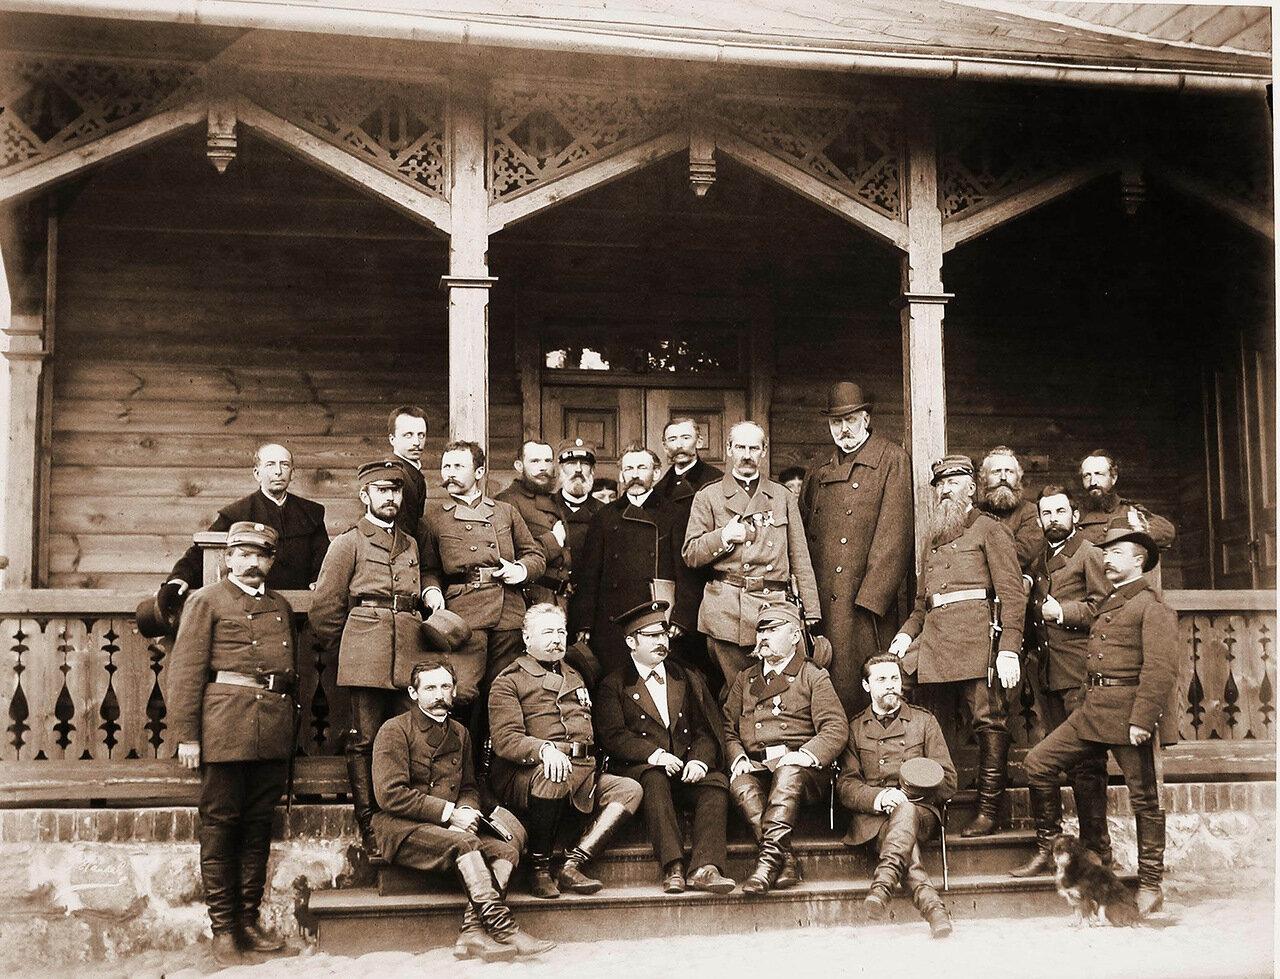 03. Группа чиновников, служащих, егерей, сопровождавших членов императорской фамилии на охоте